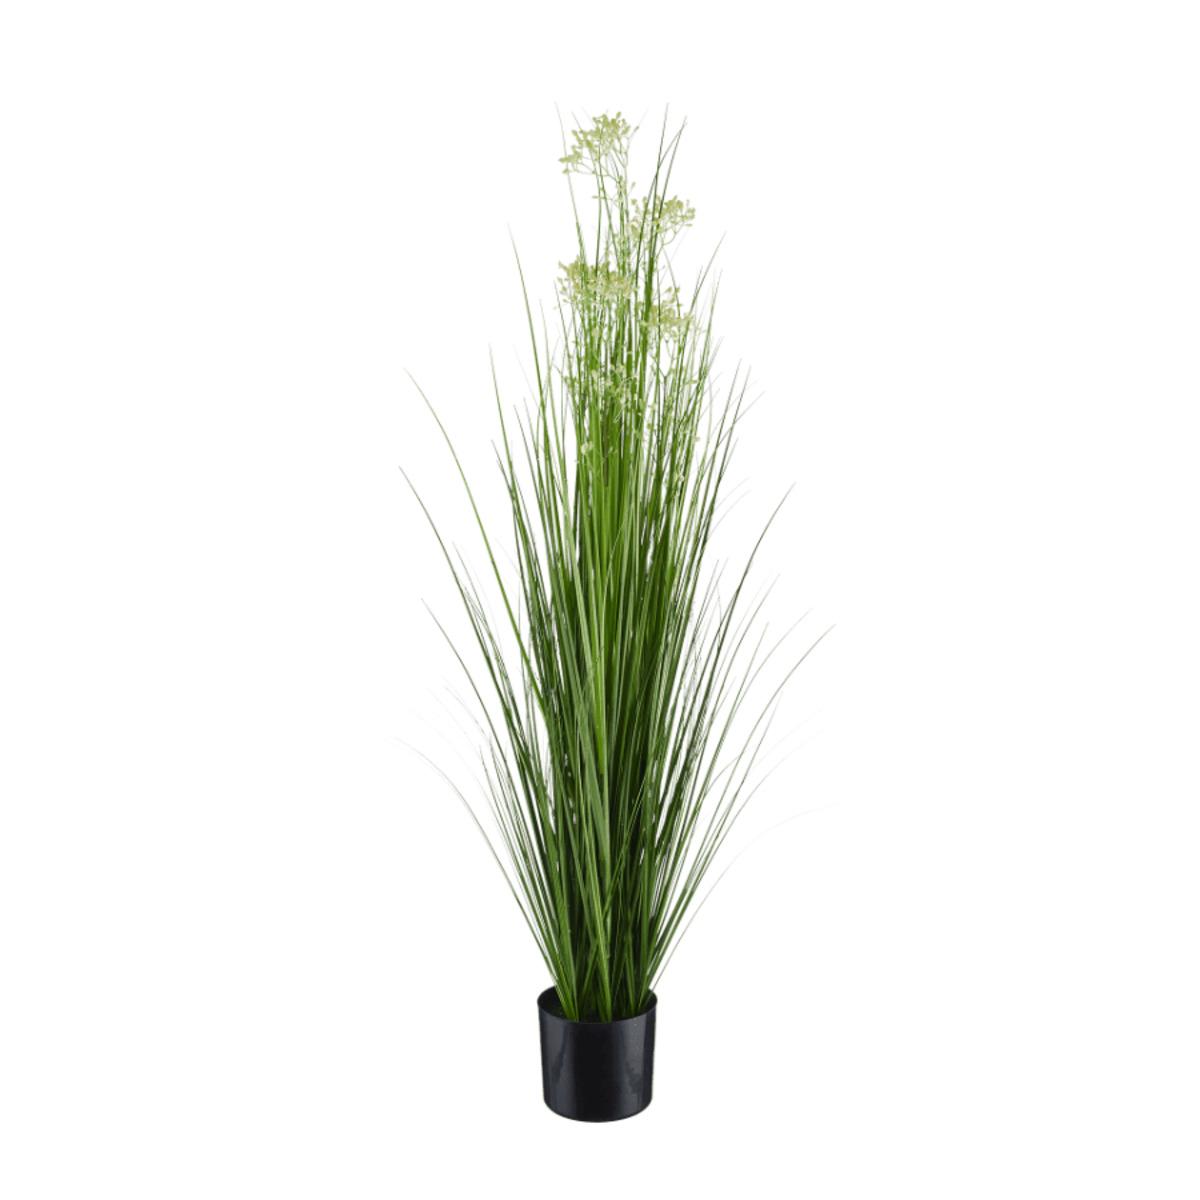 Bild 5 von LIVING ART     Künstliche Pflanze